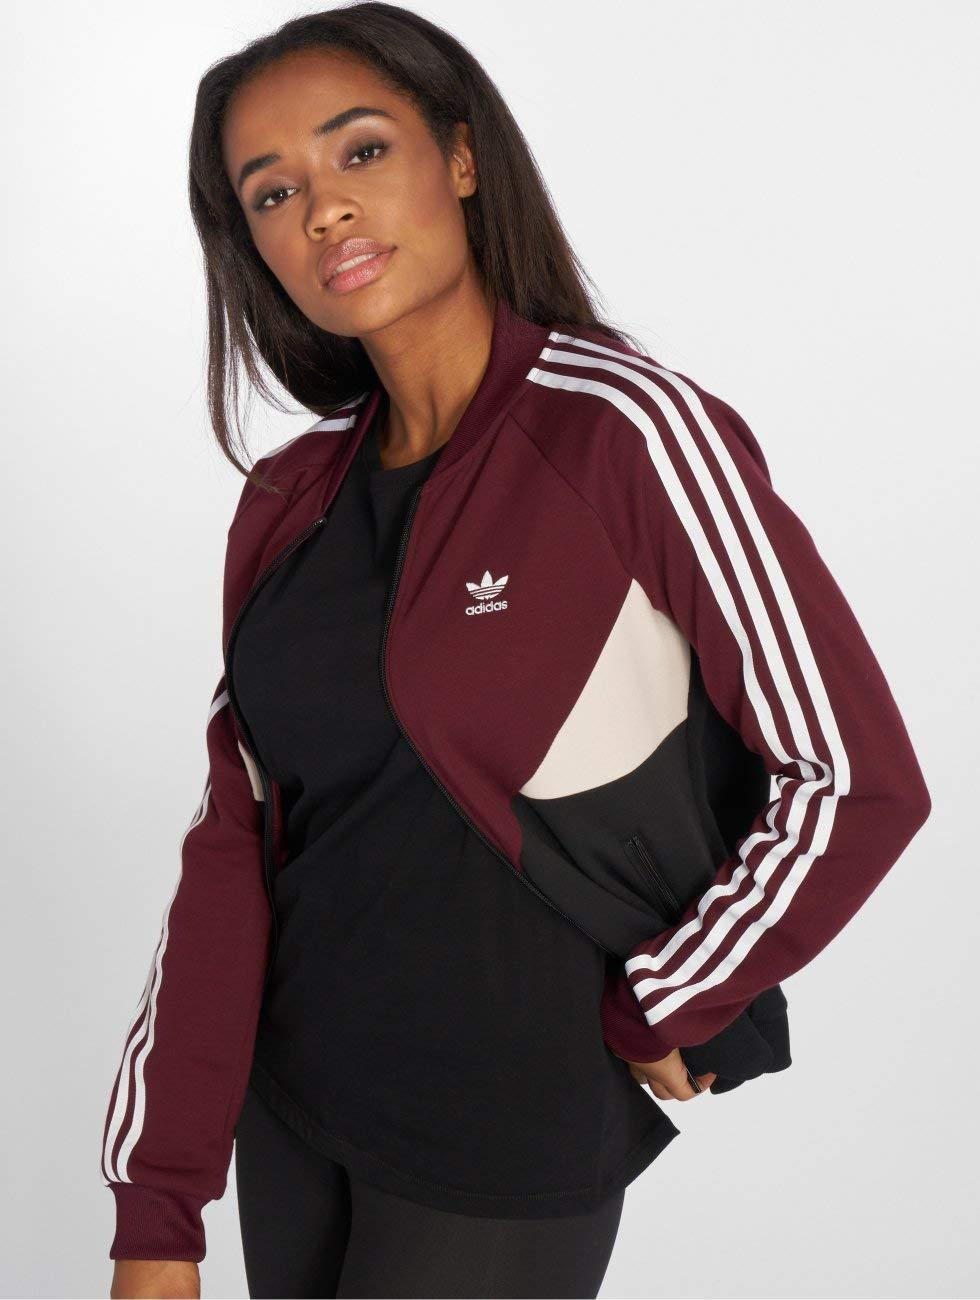 Adidas CLRDO Superstar Jacke Damen 40 - M adidas Originals DH2999